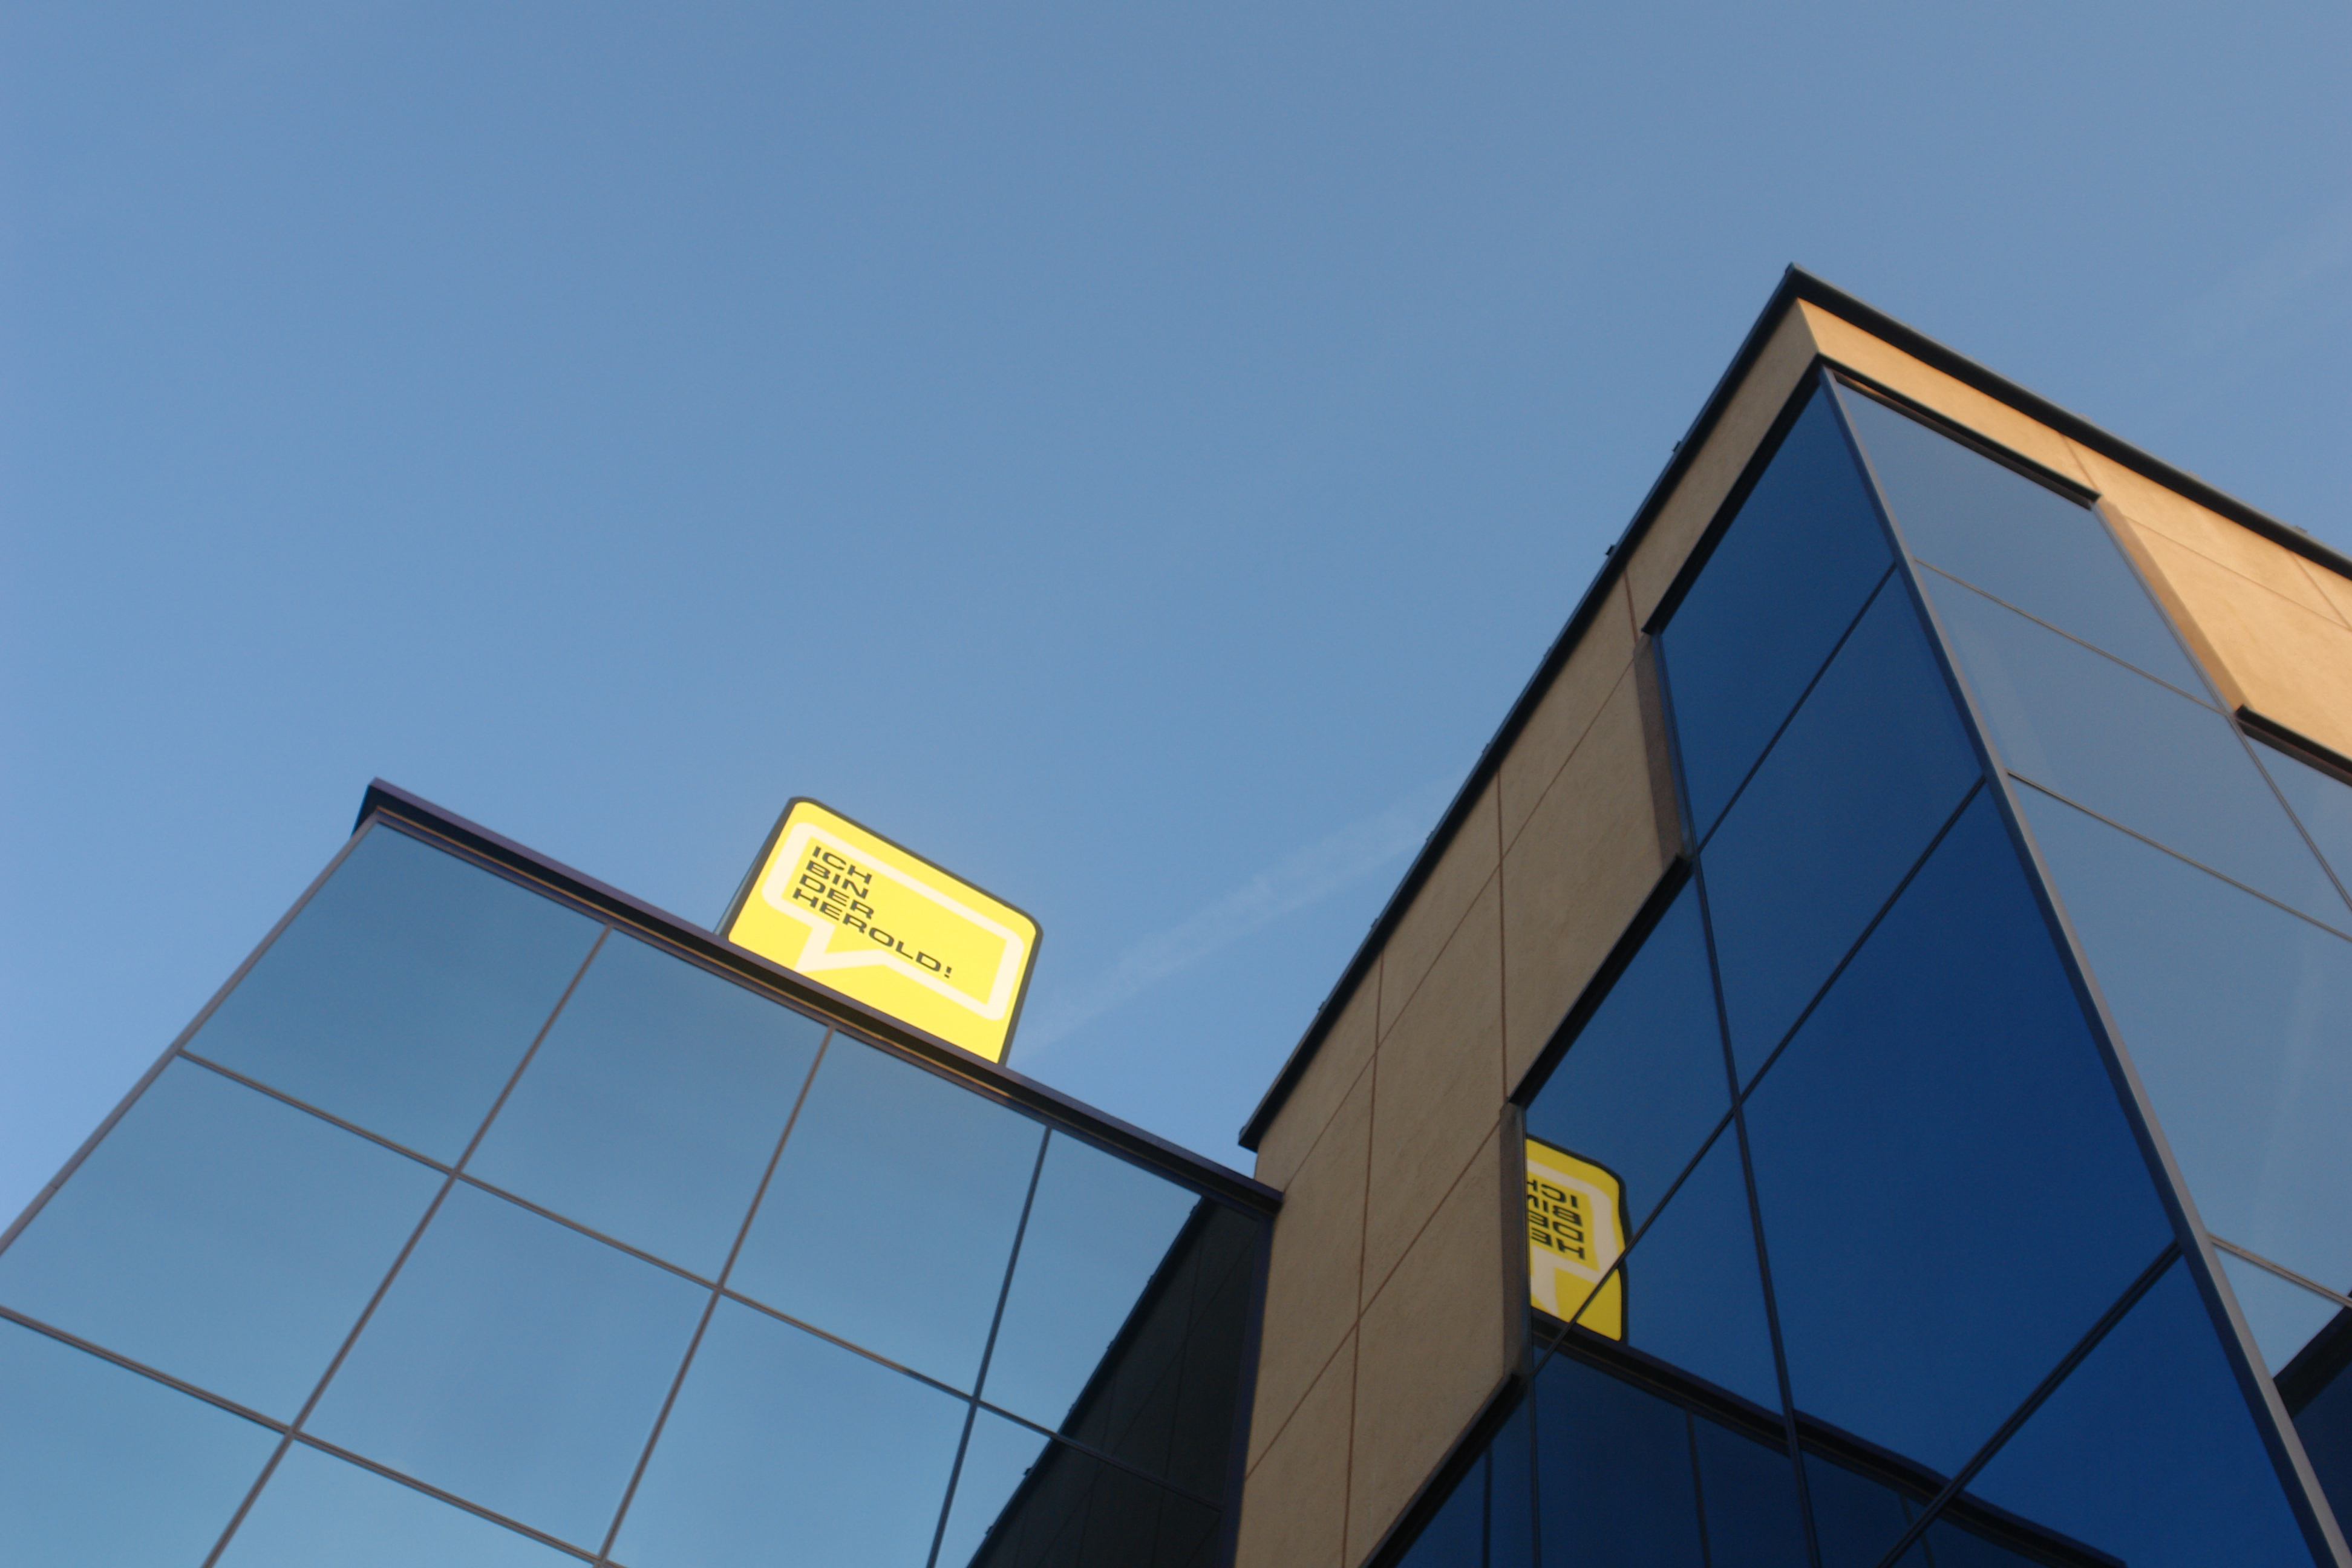 HEROLD Business Data GmbH